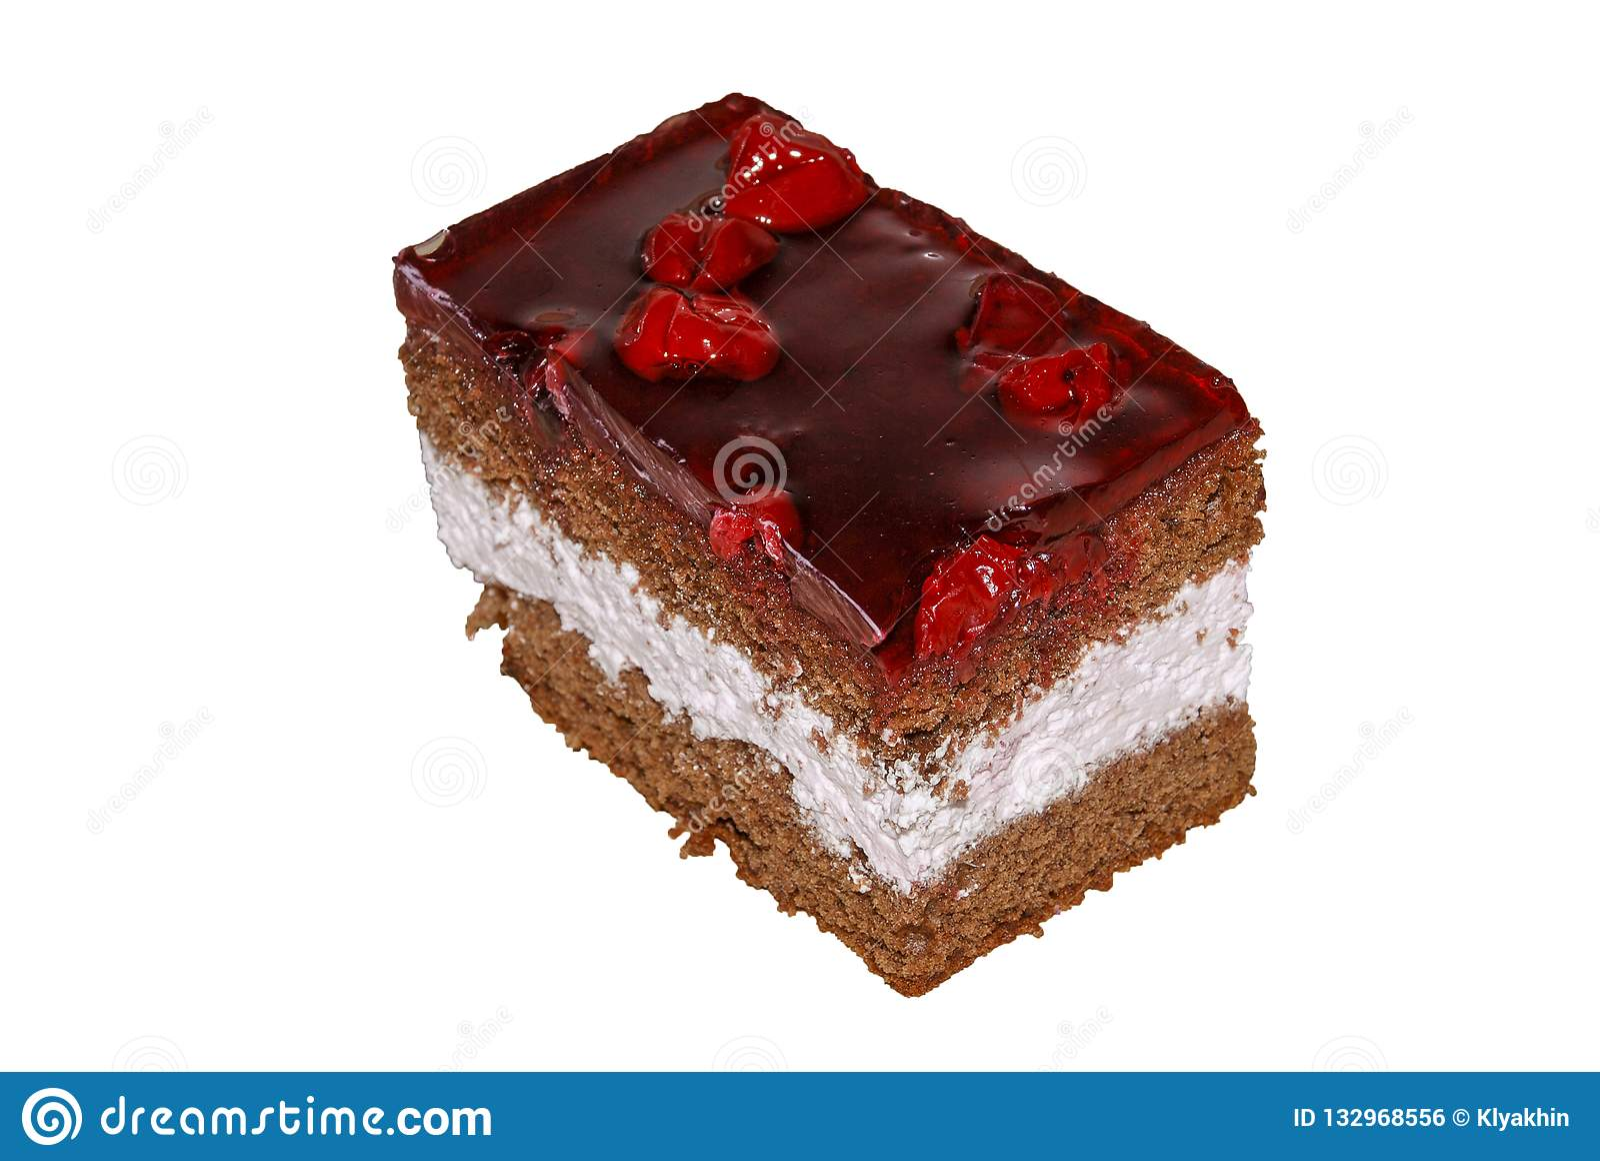 Kuchen mit Schokoladenschwammkuchenschlagsahne und -kirschen